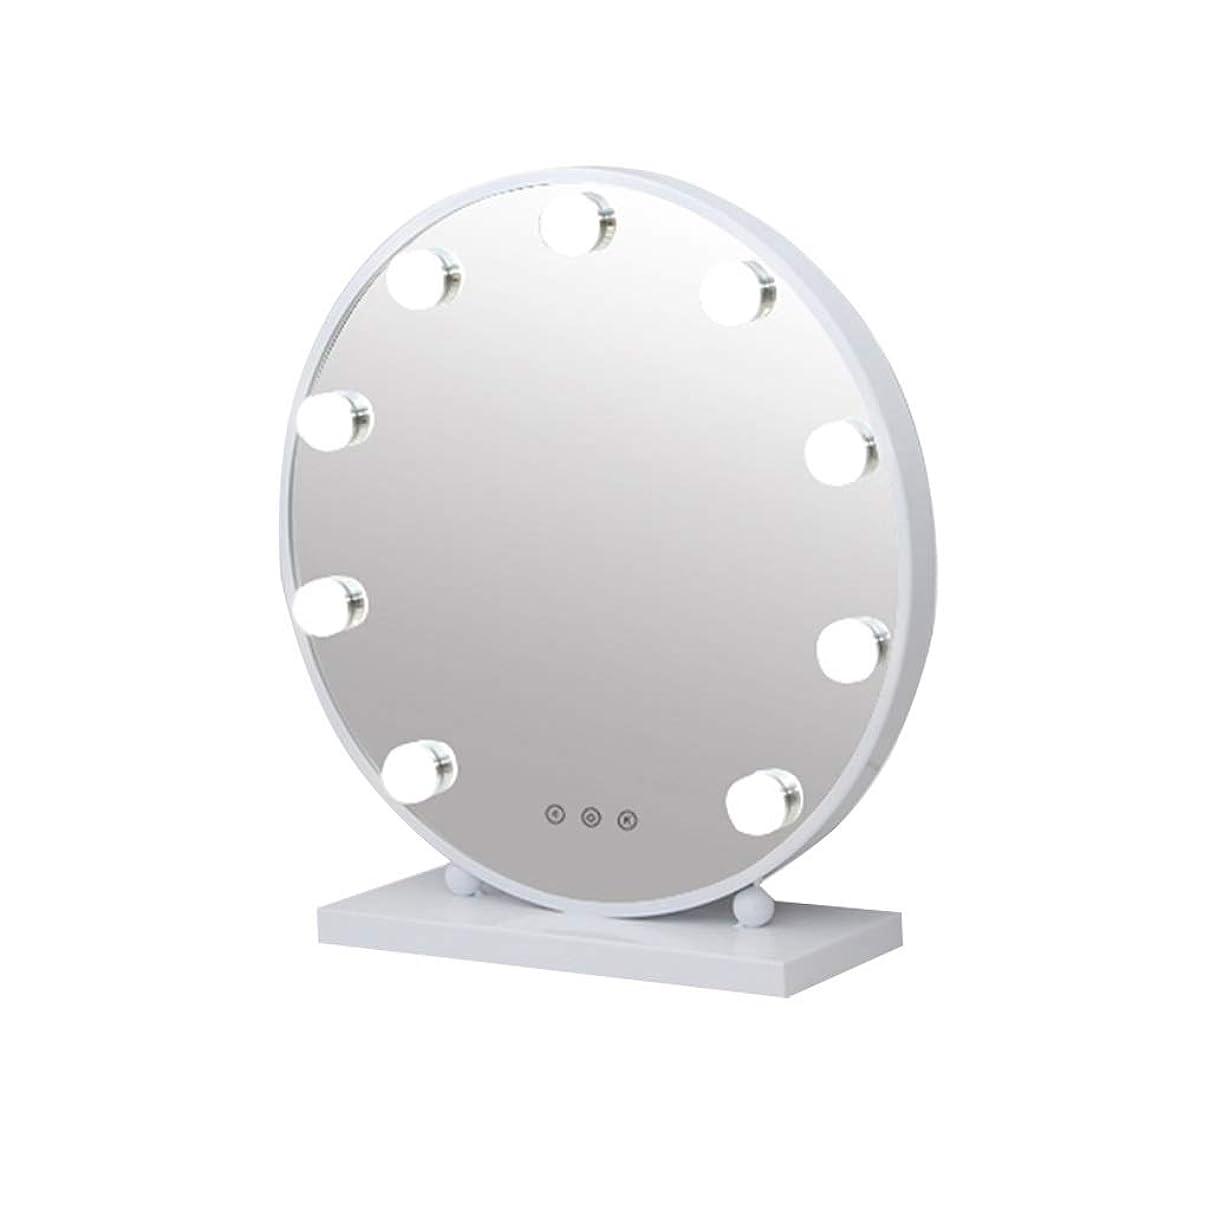 メロディーコール国籍化粧鏡LEDタッチスクリーンスイッチデスクトップヨーロッパ家庭用ドレッシングデスクトップ充電スマート大型ドミトリーライト付きフィルライト (Color : White, Size : 40cm)